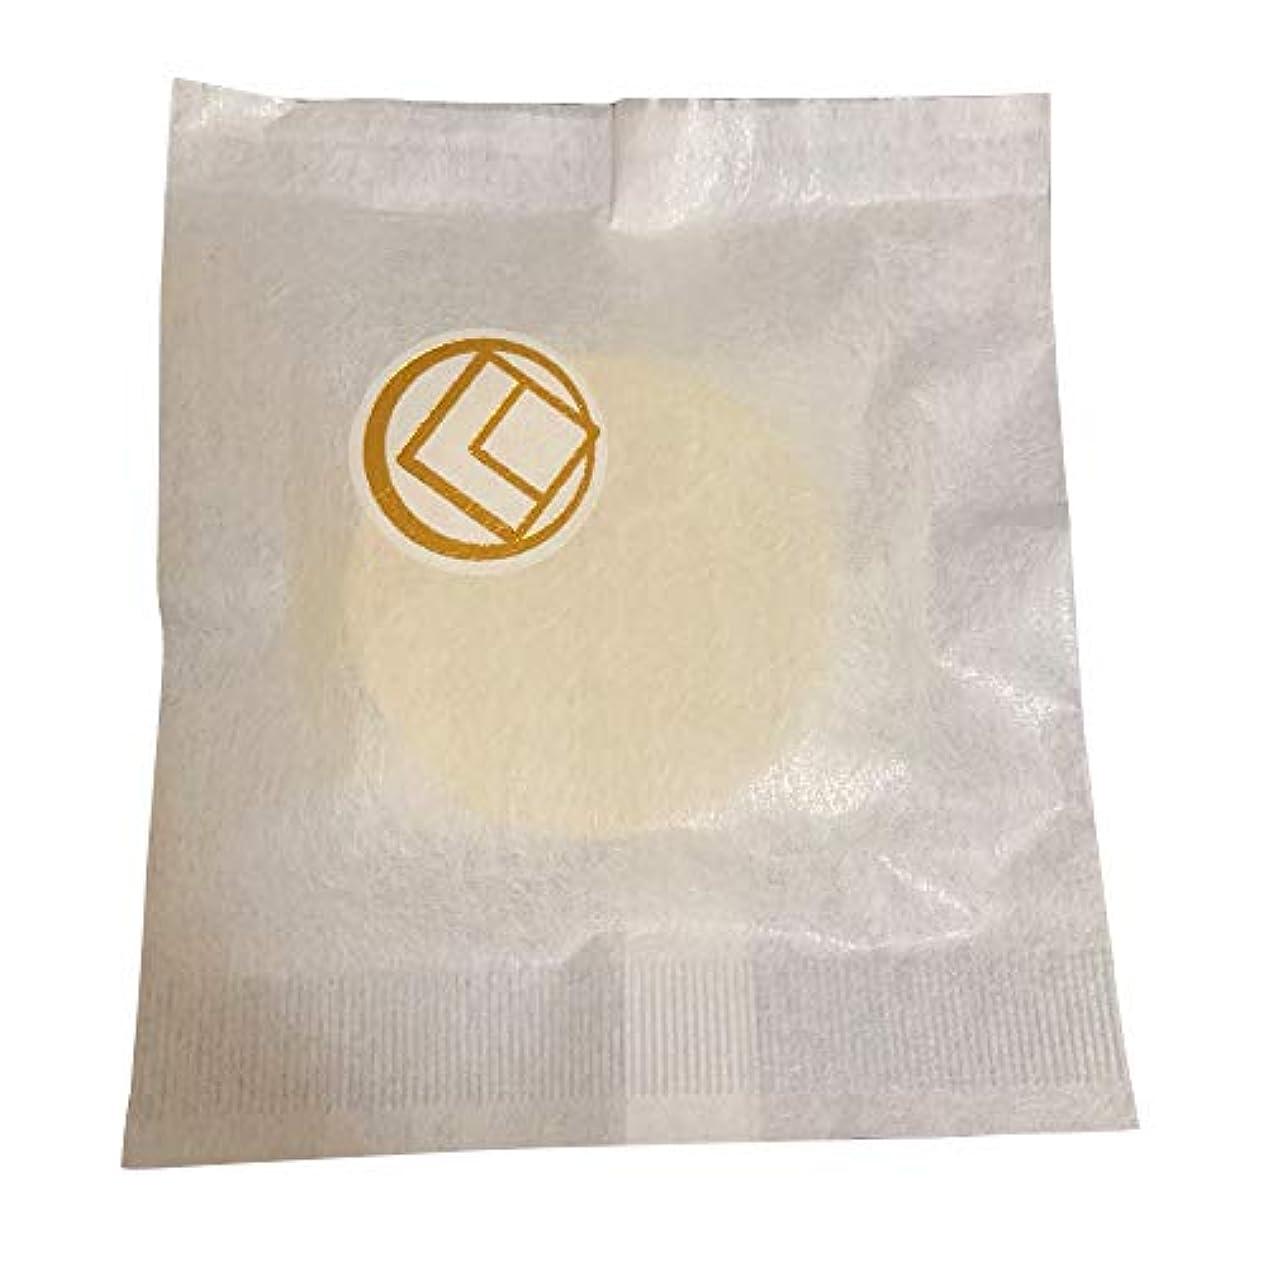 遠征運動自治【肌断食専用】美塩(うつくしお)メイク落とし石鹸